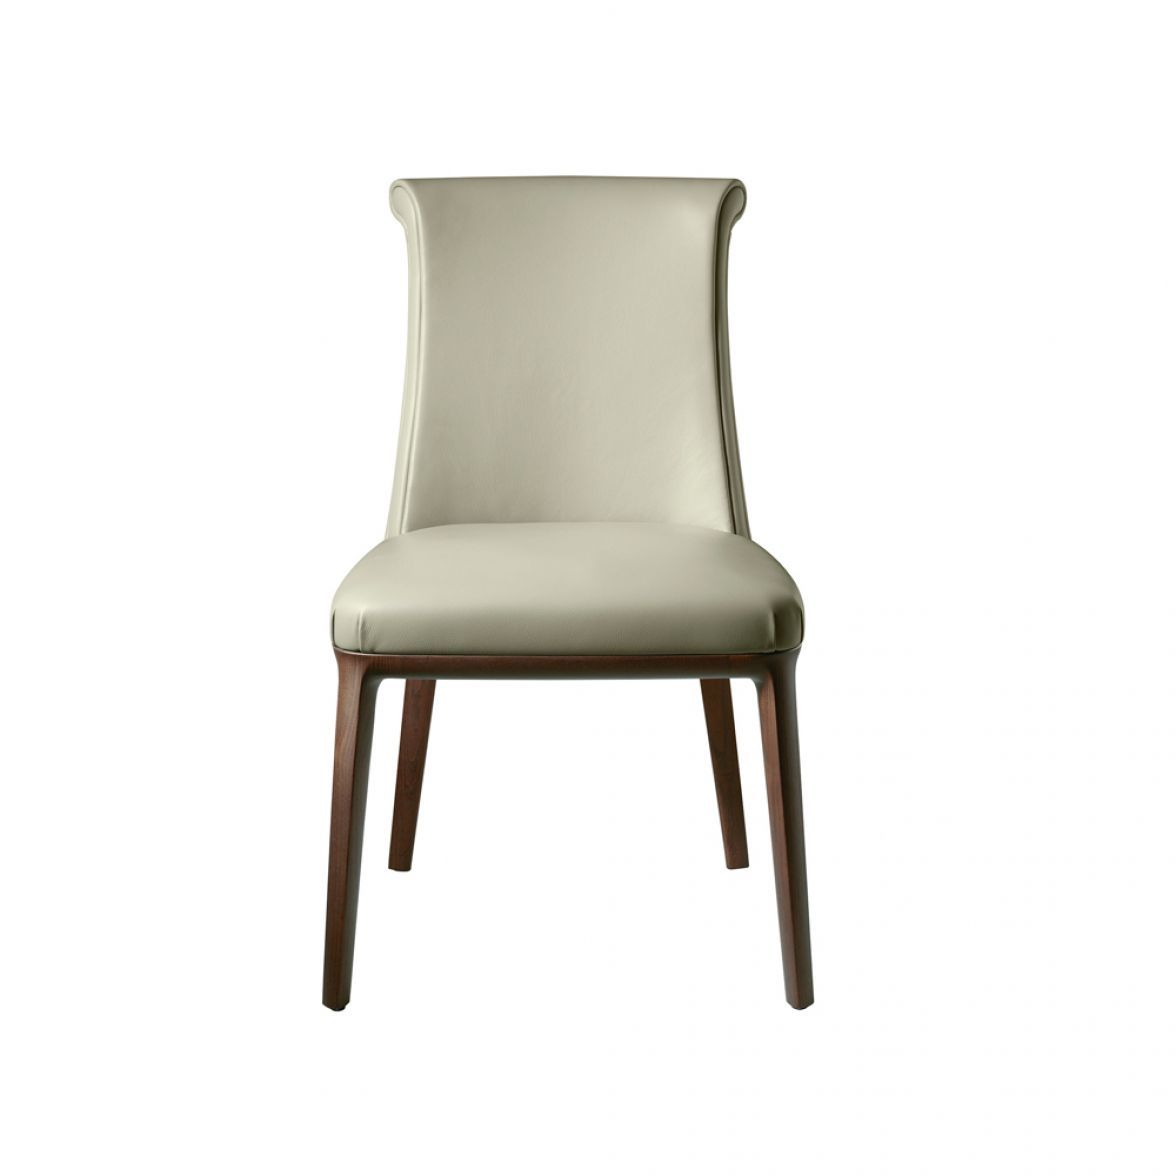 Diva chair фото цена